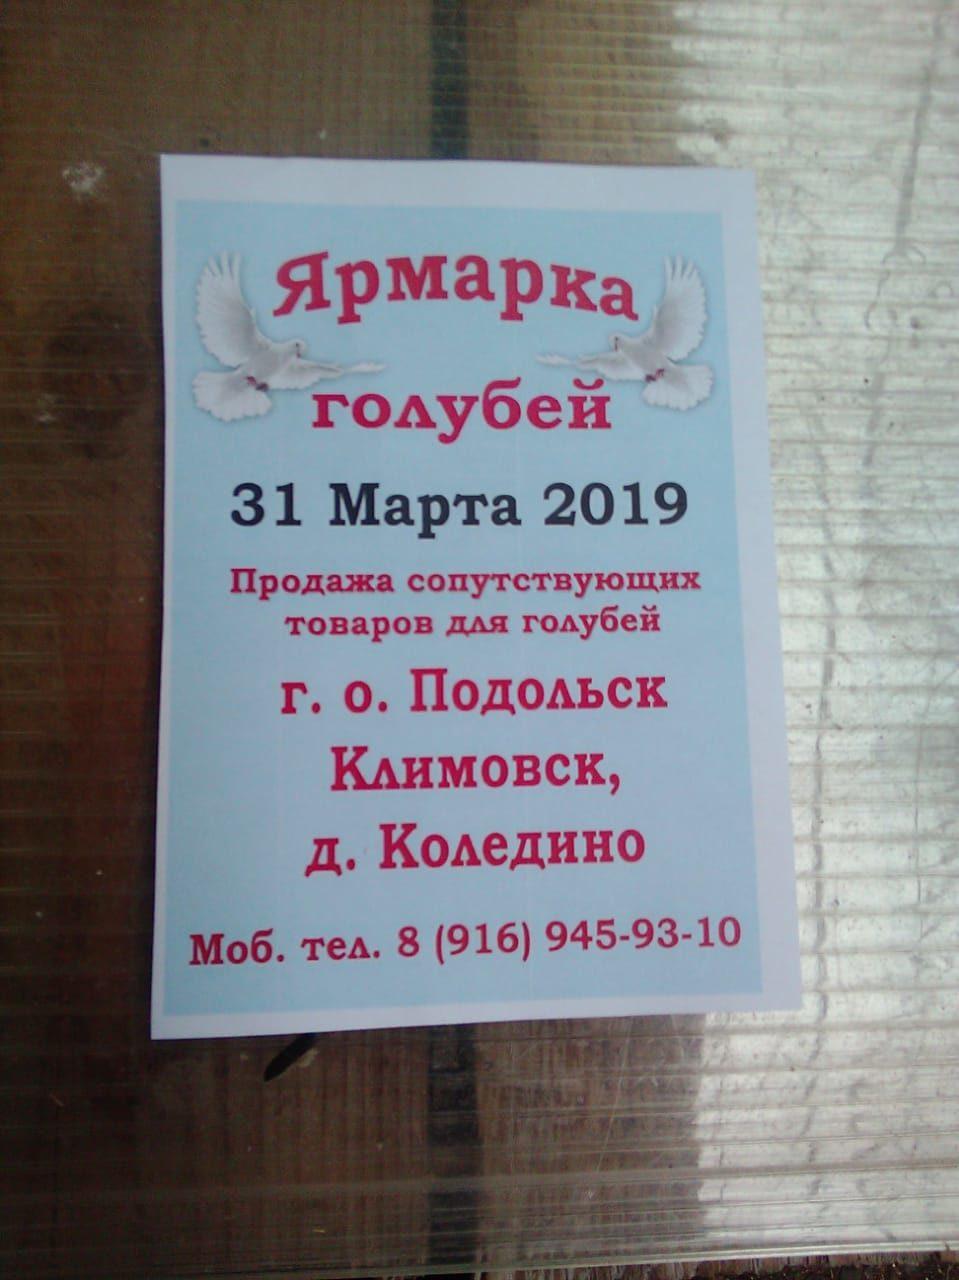 ВЫСТАВКИ ГОЛУБЕЙ В Москве в 2019 году 9c10